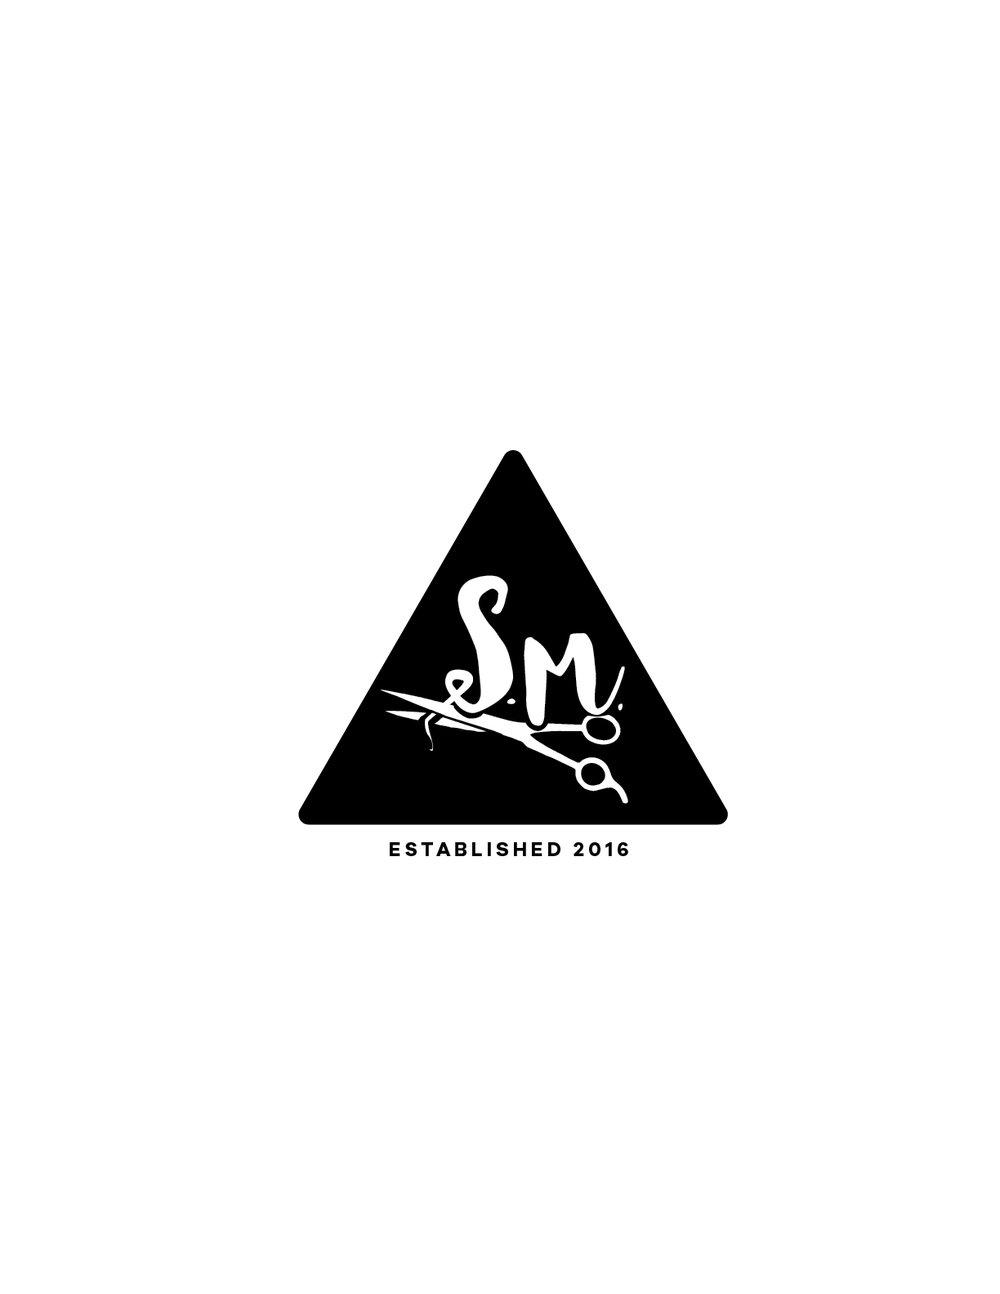 the-four-design-sammi-mac-logo-concepts-1.jpg